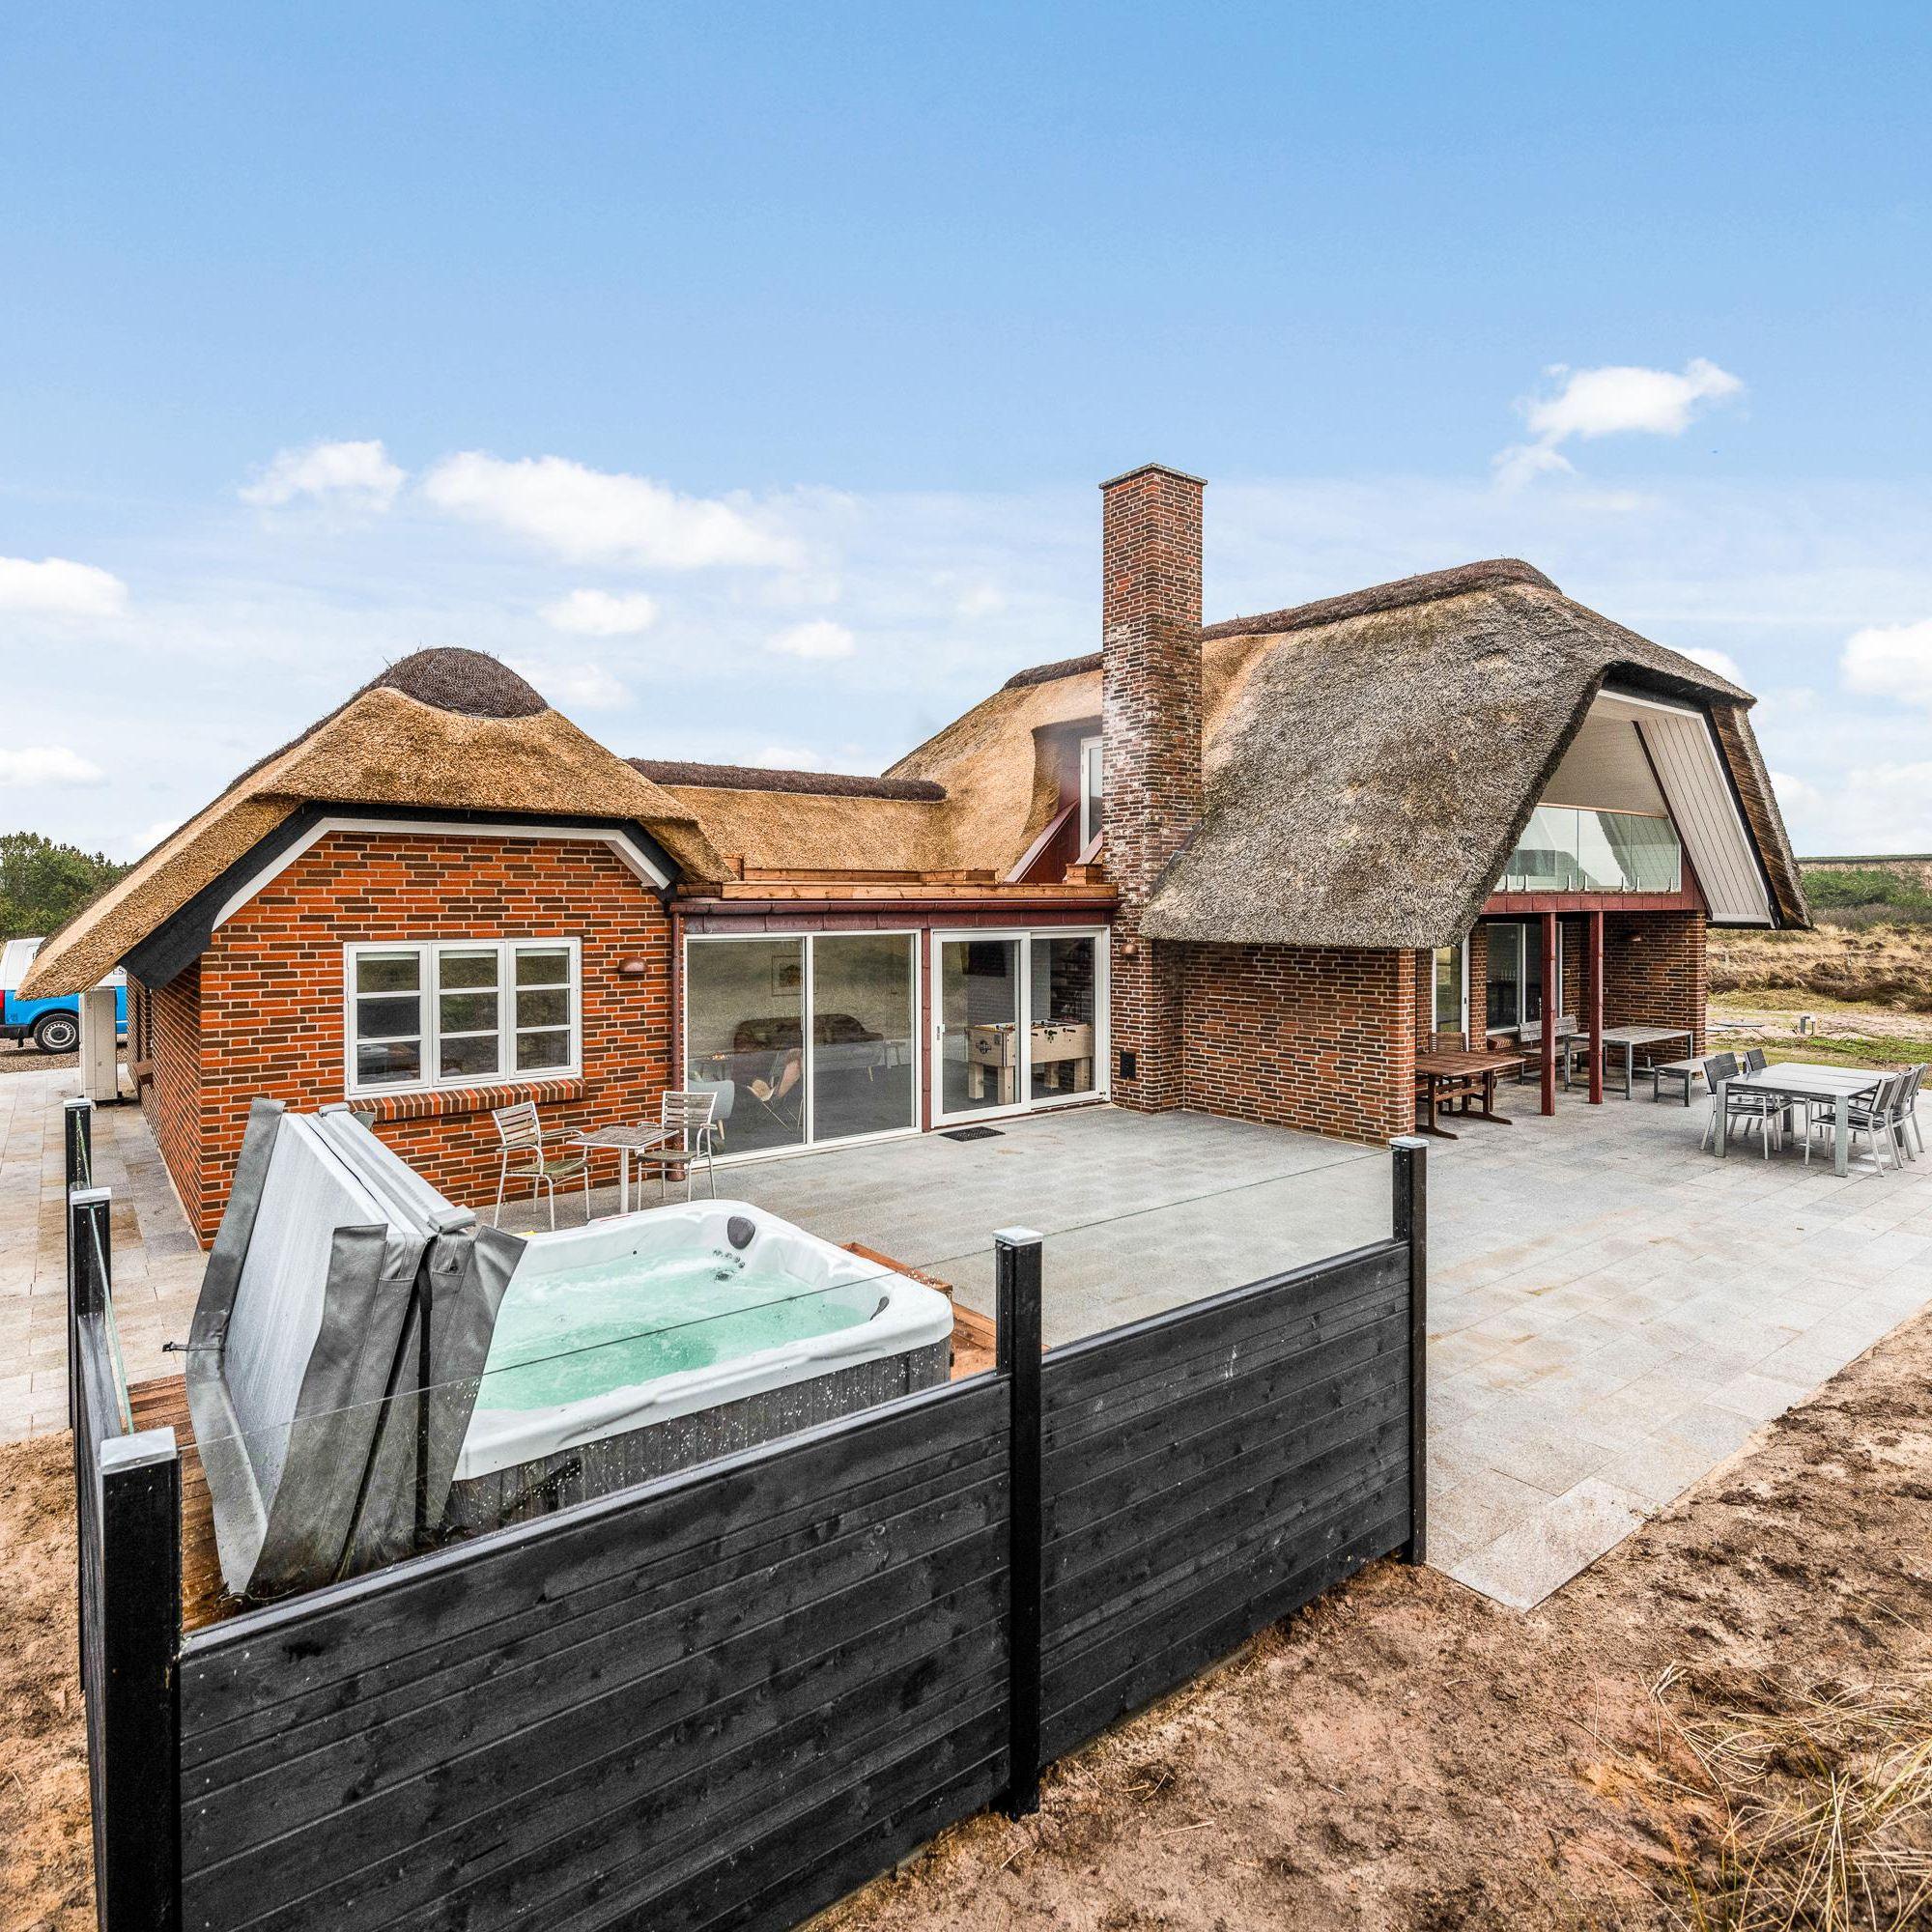 Dein Ferienhaus Dänemark.de in 2020 Ferienhaus, Style